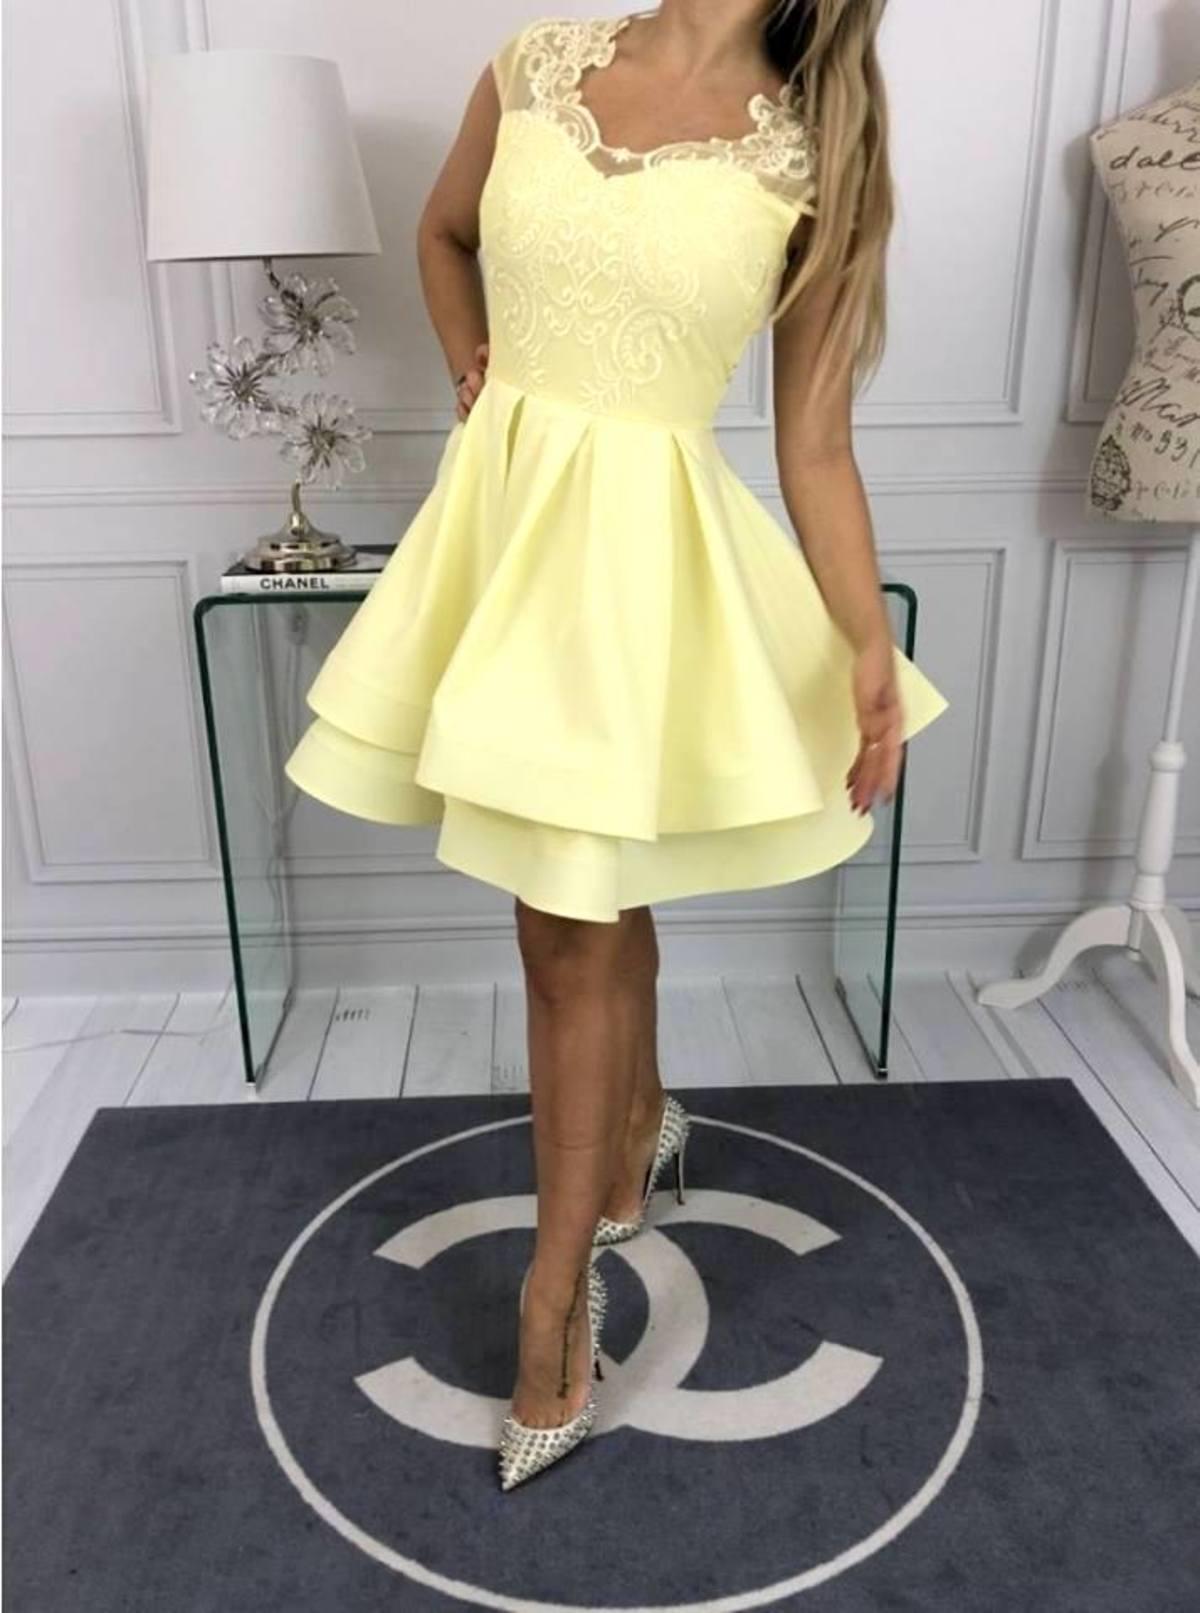 c46043f08f669 40- dĺžka 92cm, hrudník 46-51cm x 2 po natiahnutí,. Krátke spoločenké šaty  AMELIA-žlté